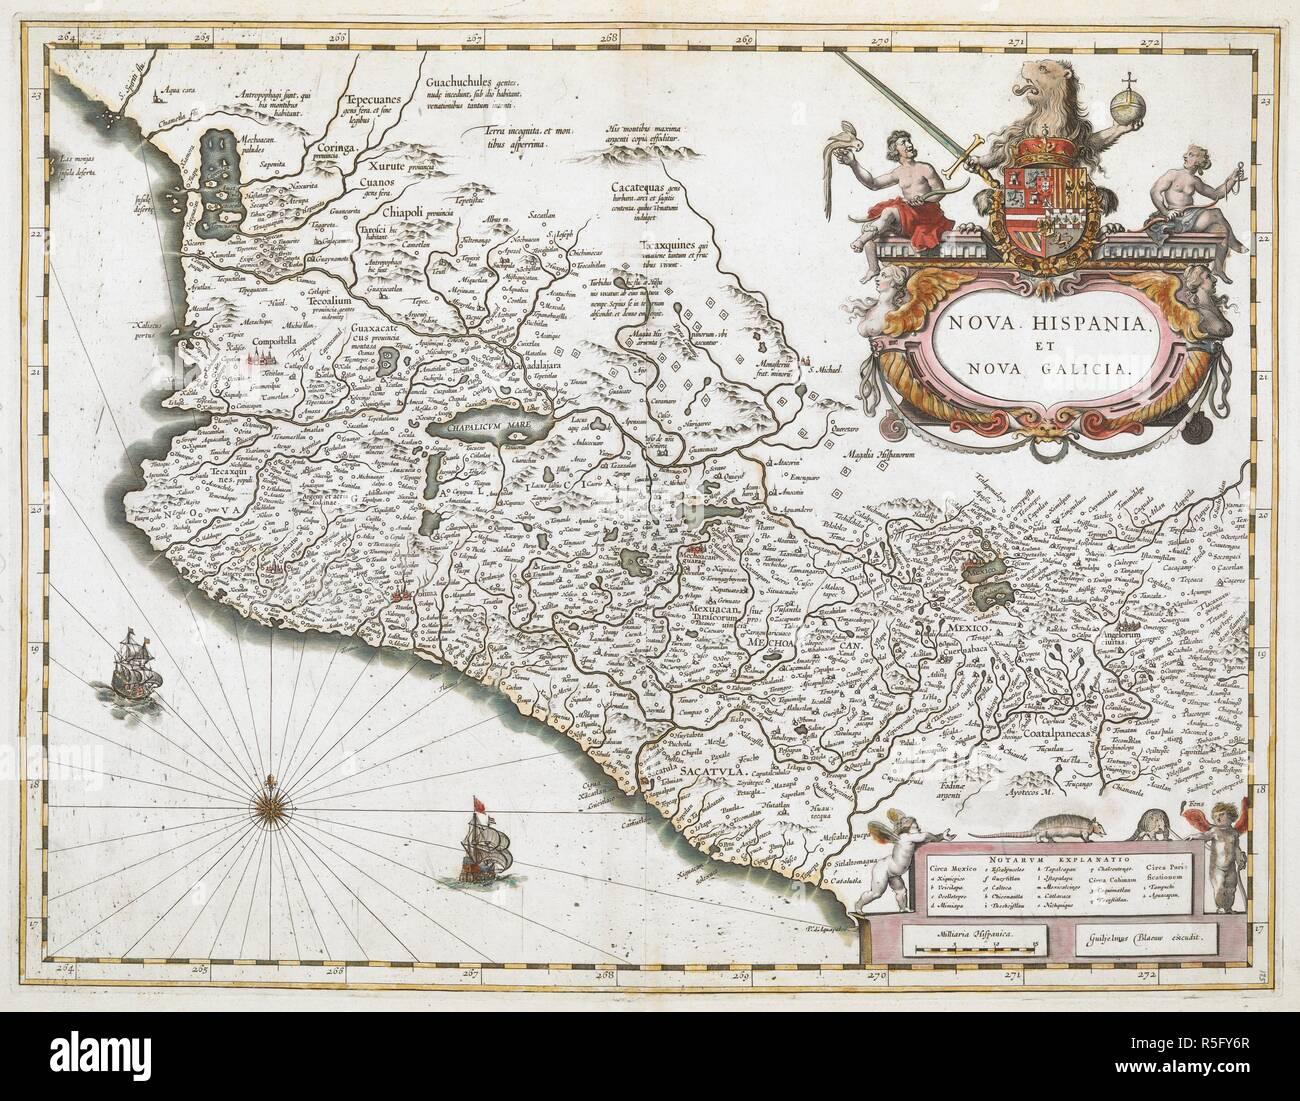 Galizien Karte.Eine Karte Der Neuen Spanien Und Galizien Nova Hispania Et Nova